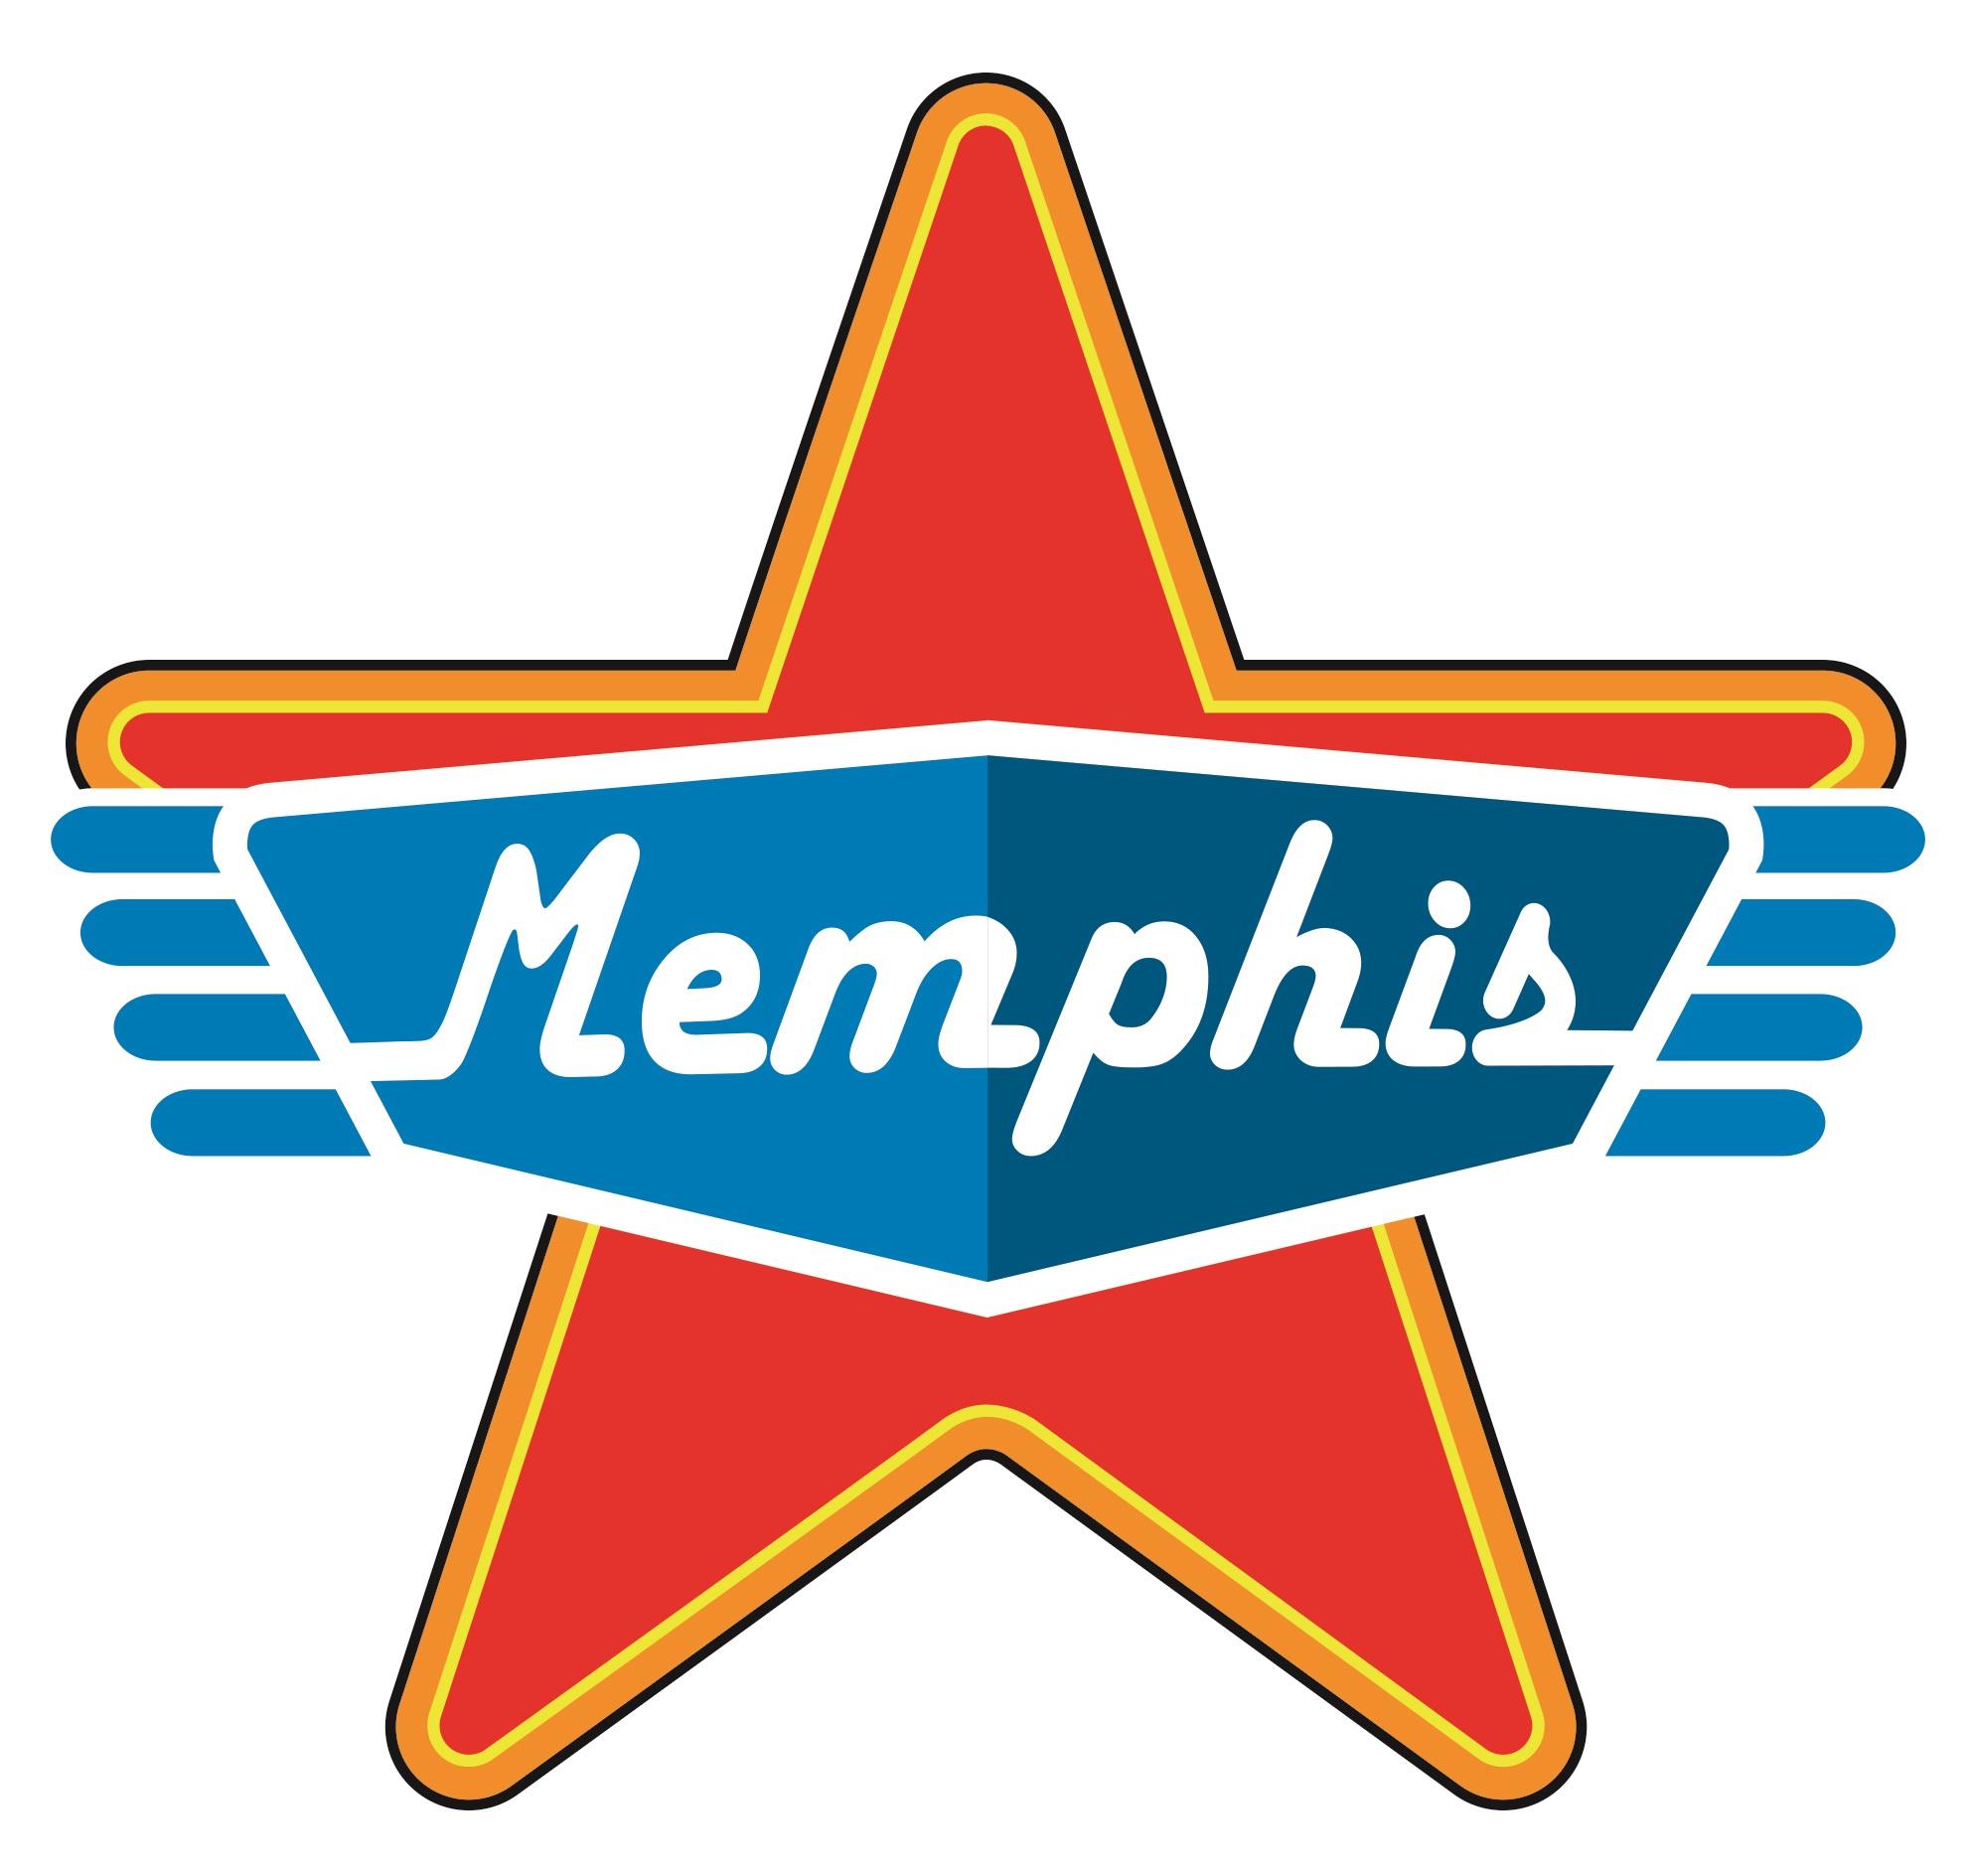 Coupon de 10€ de réduction sous réserve d'une addition minimum de 20€ chez Memphis (valable dans les restaurants participants)